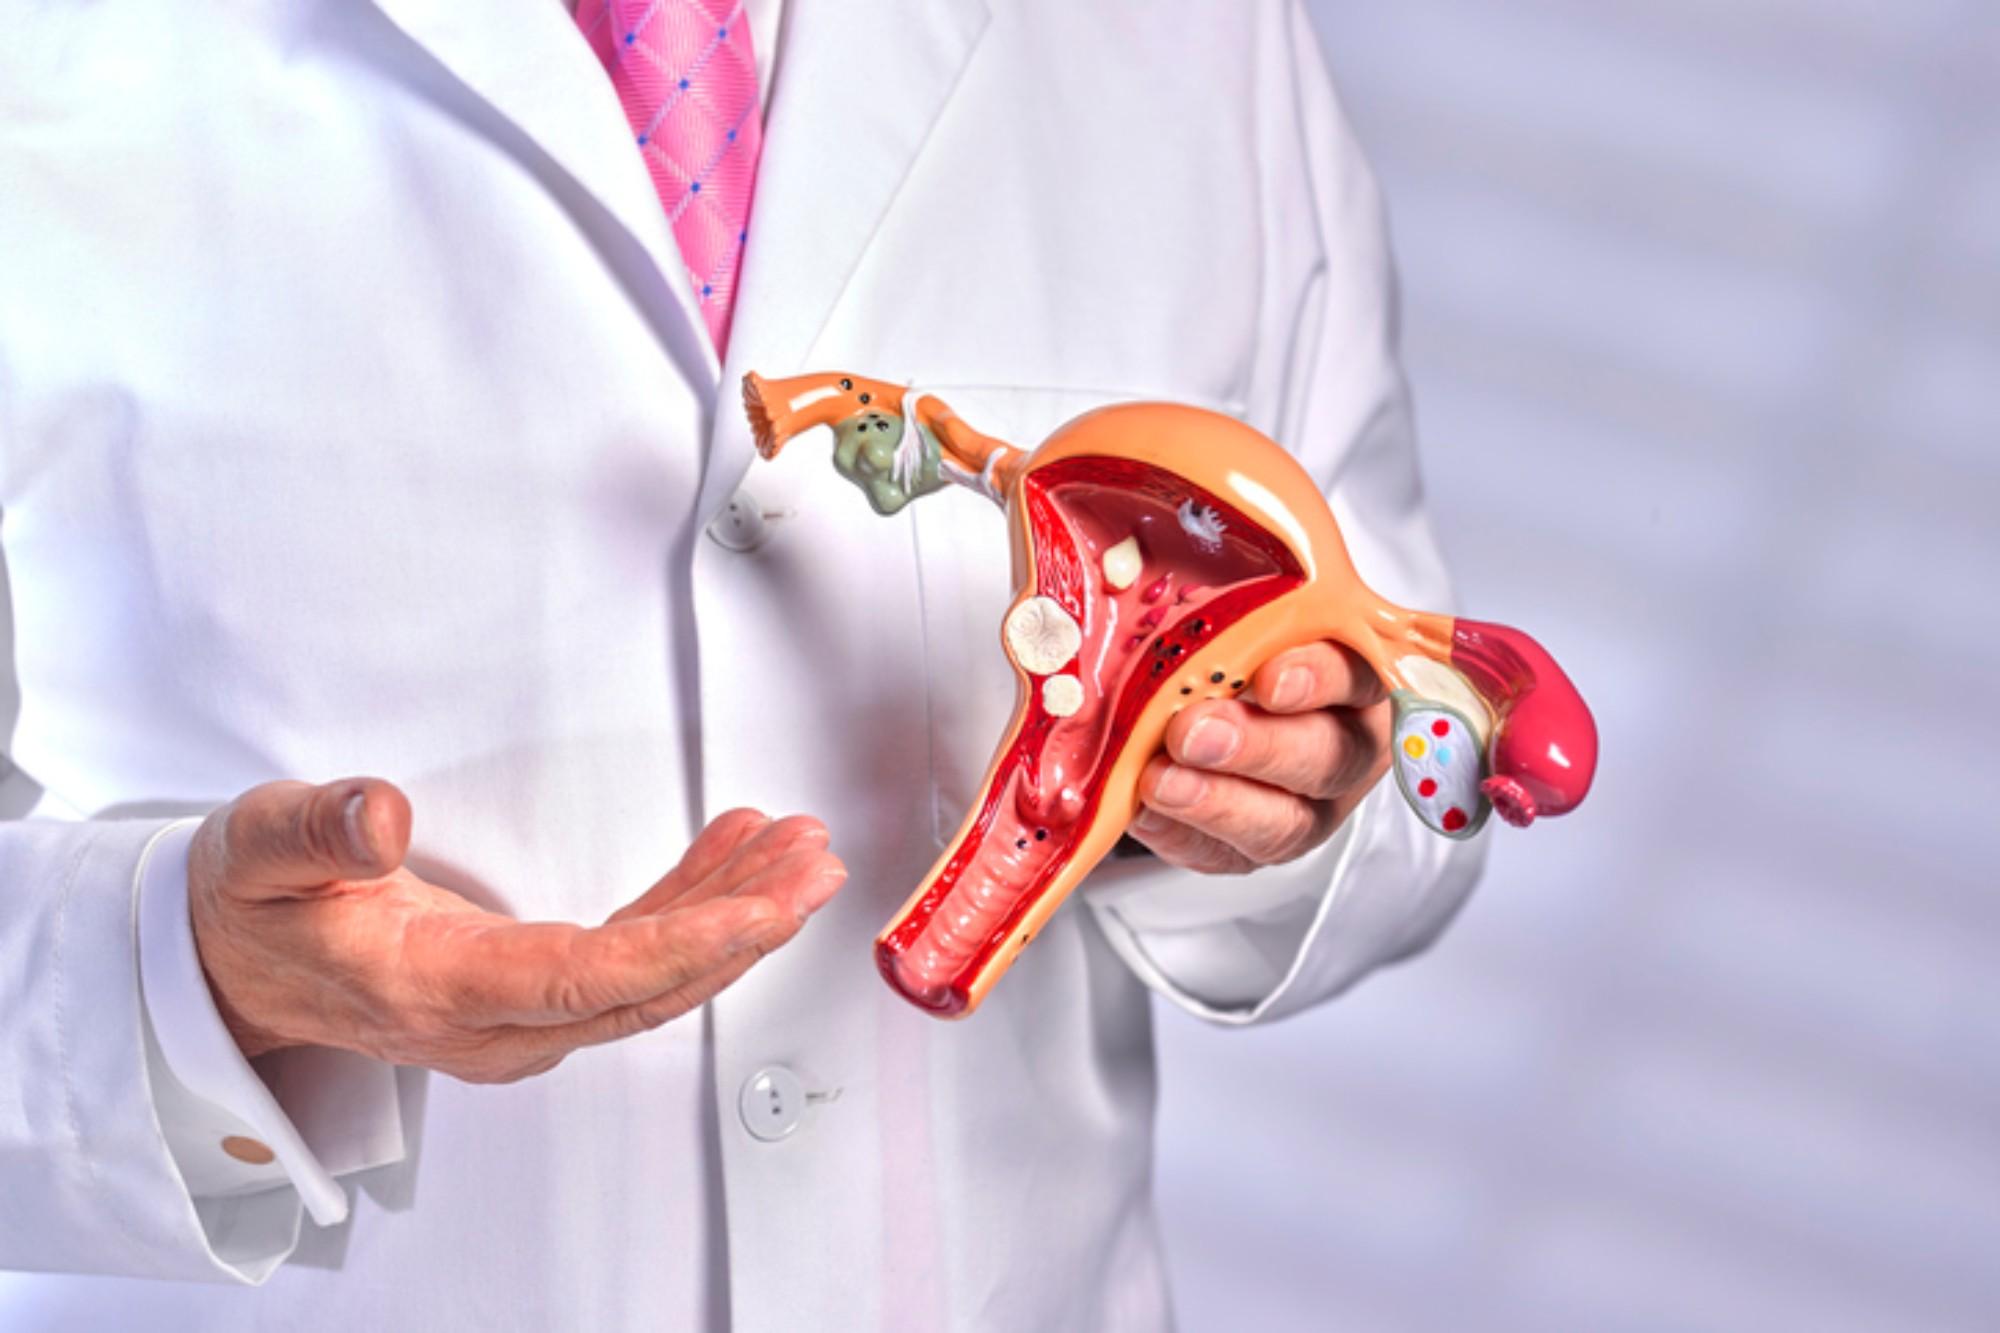 Ciclos anovulatórios: saiba o que é, suas principais causas e tratamentos